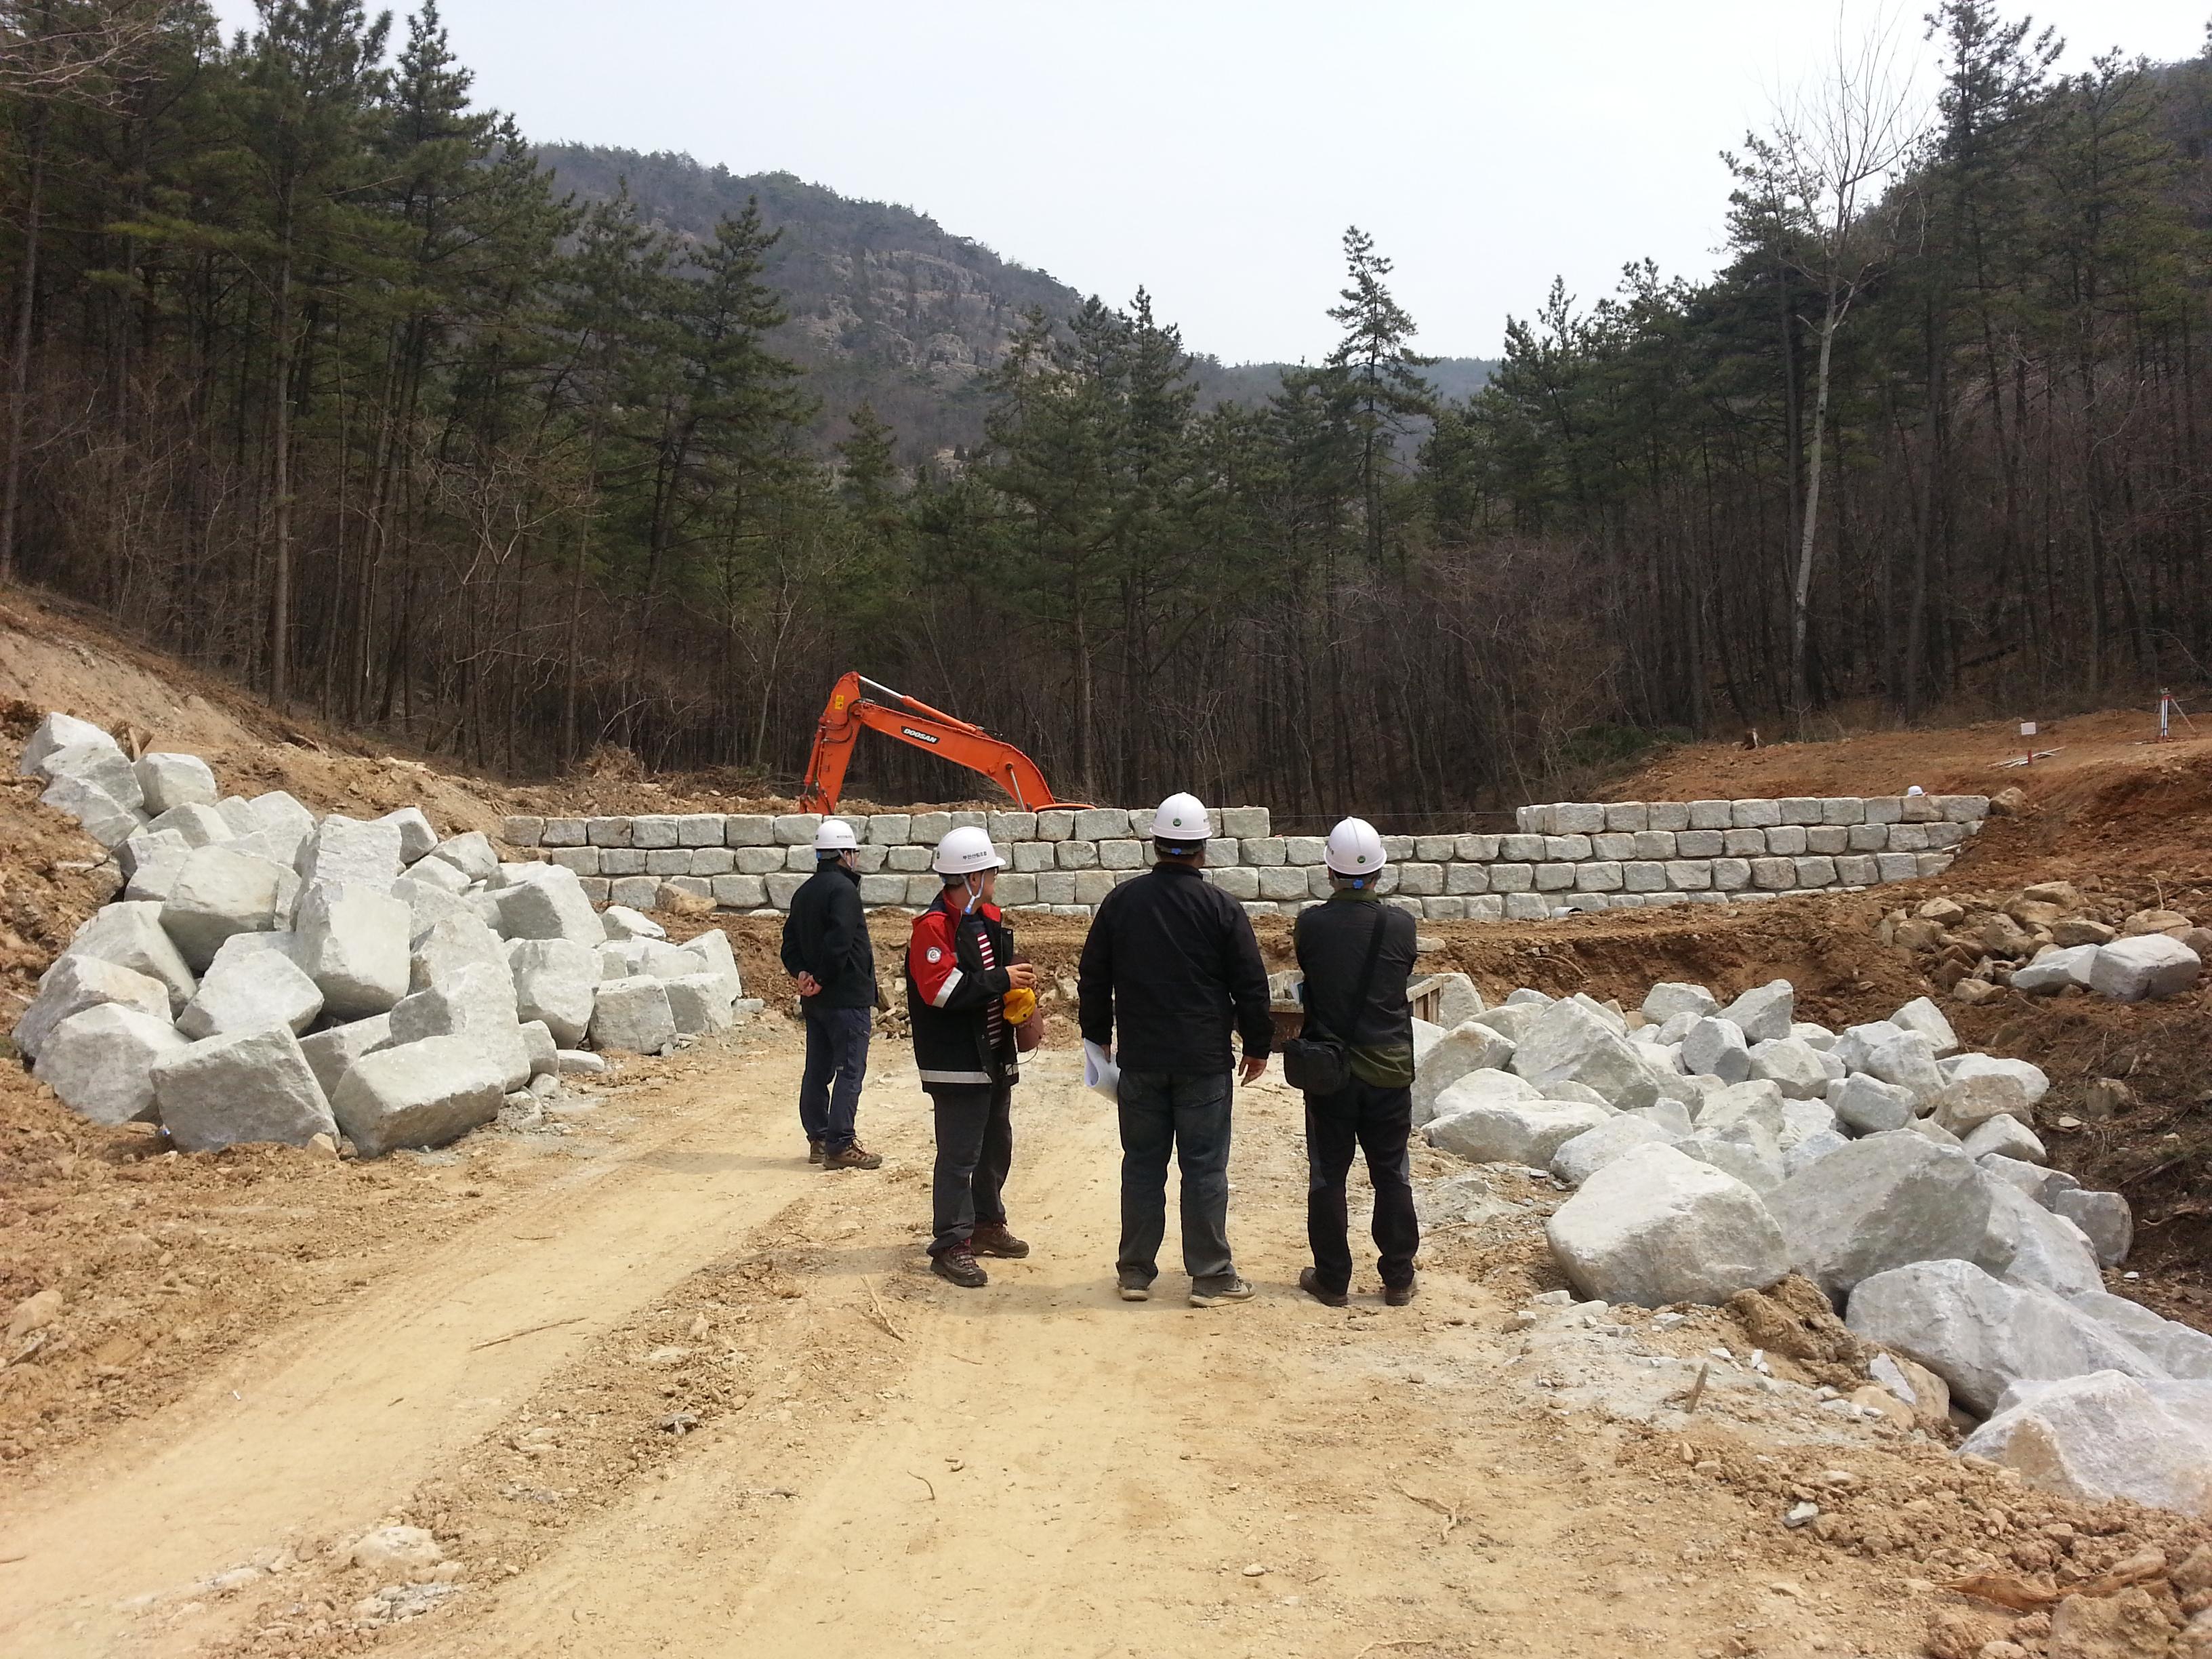 서부지방산림청, 우기 전 재해예방시설 완공에 총력 이미지1